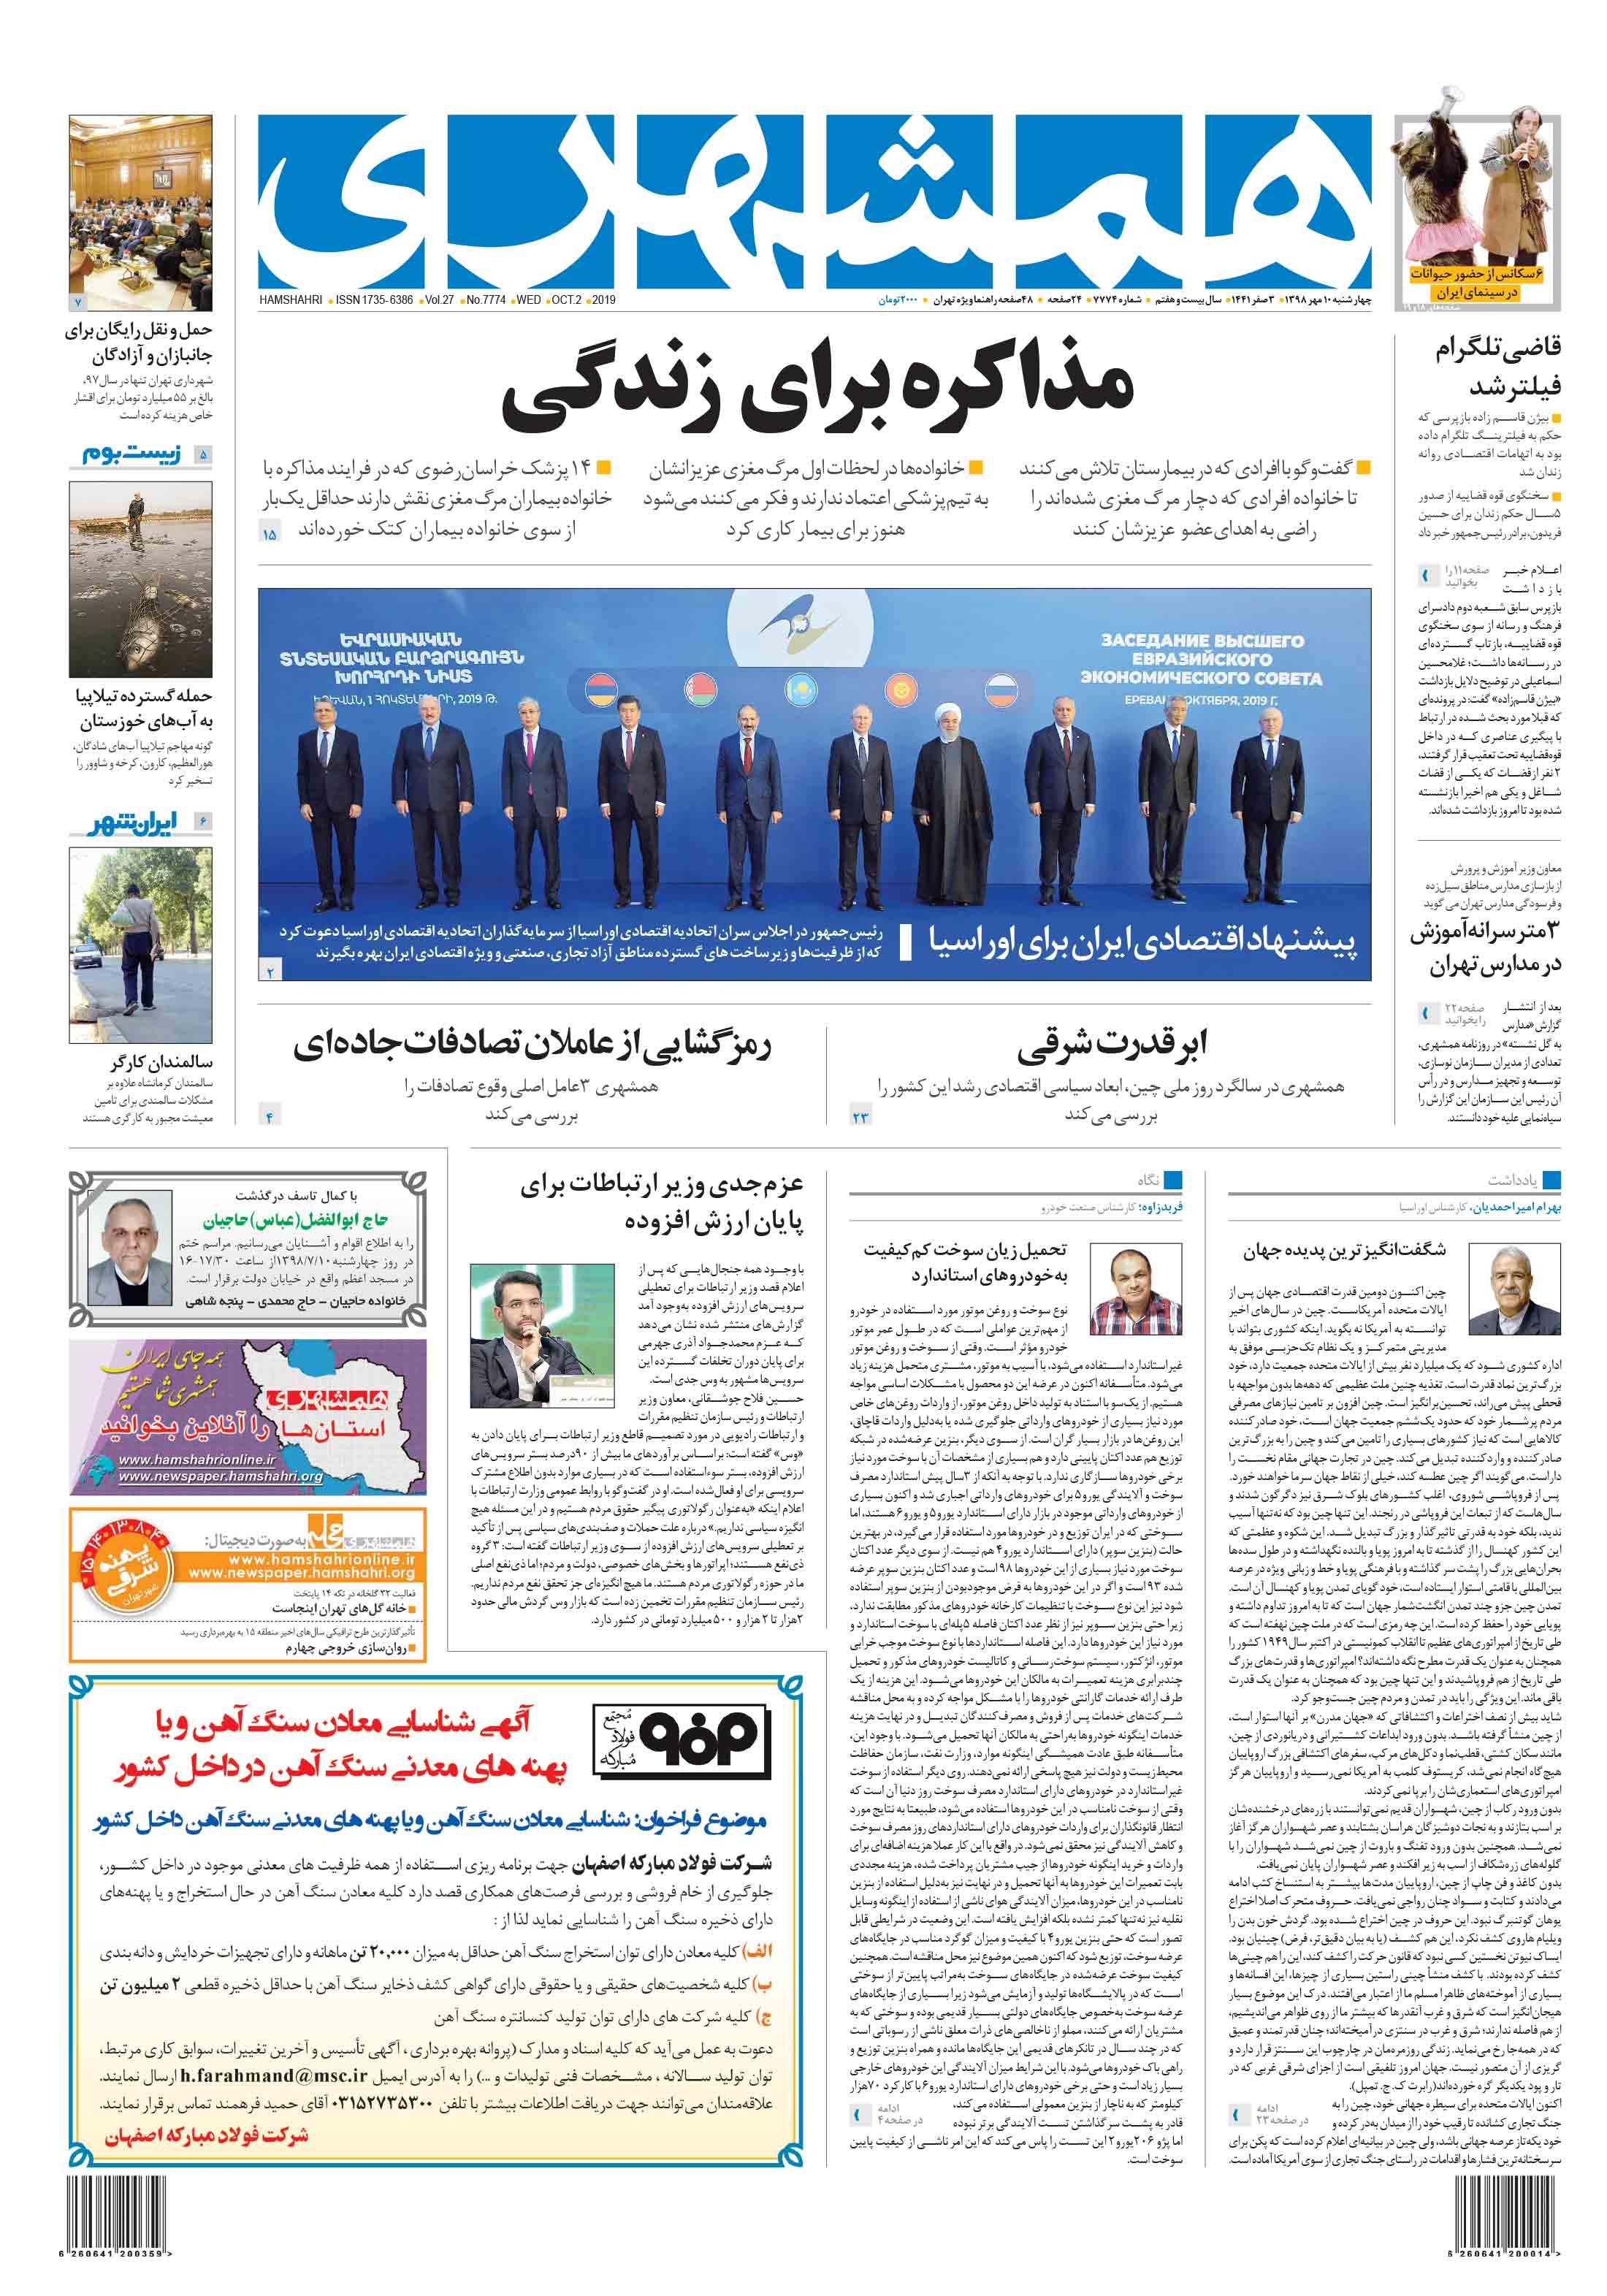 صفحه اول چهارشنبه 10 مهر 1398